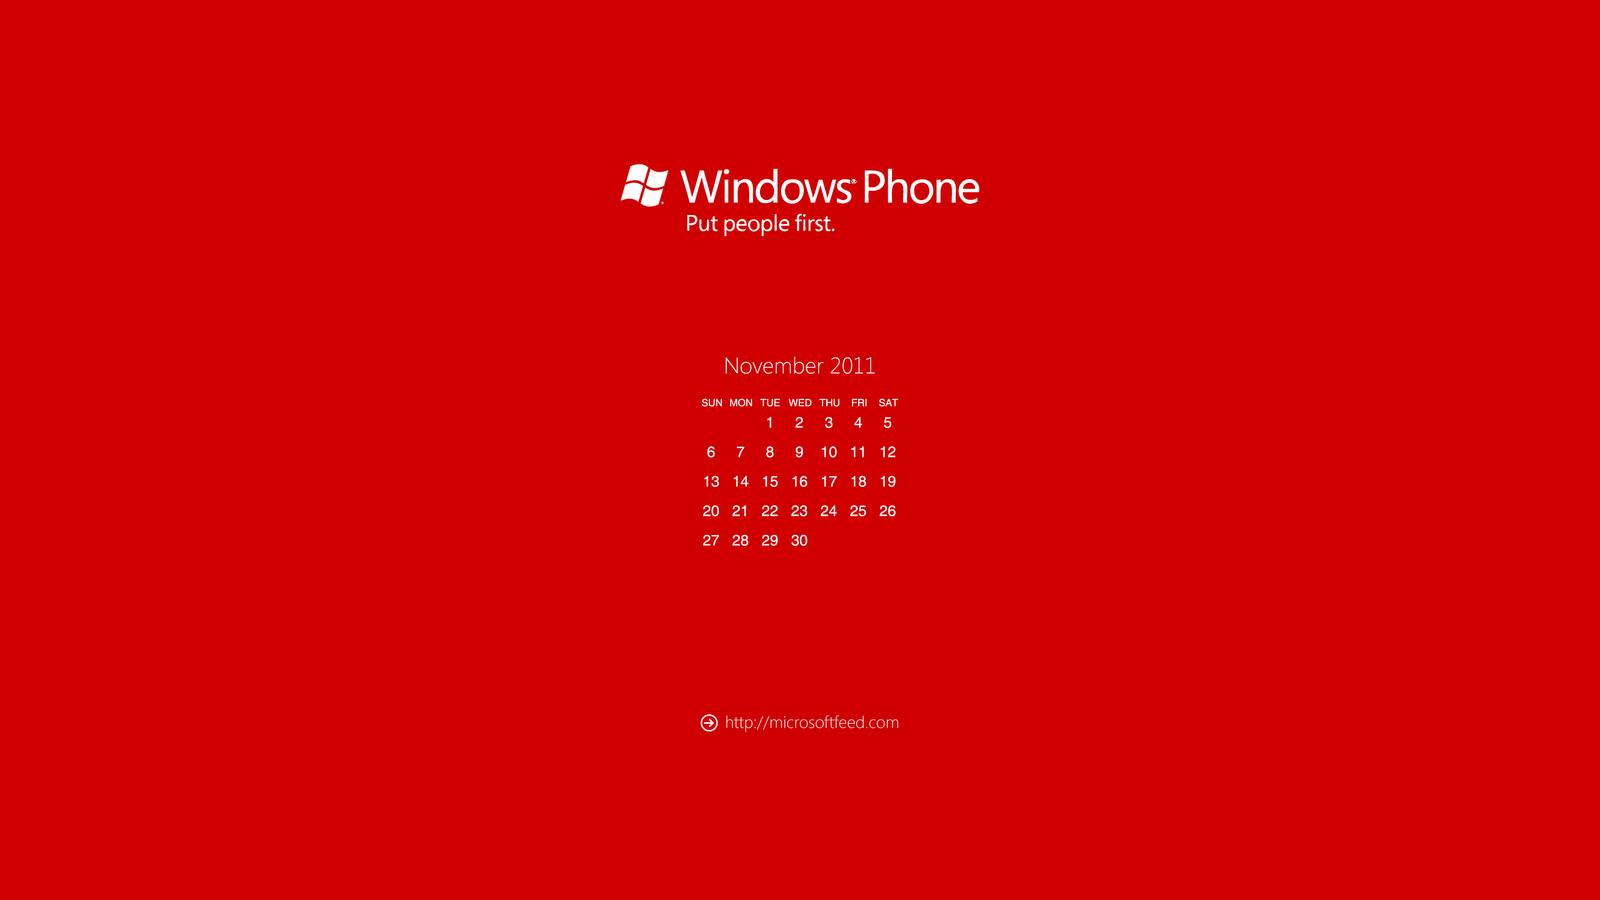 Desktophintergründe Microsoft Windows - Kostenlose Hd Hintergrundbilder